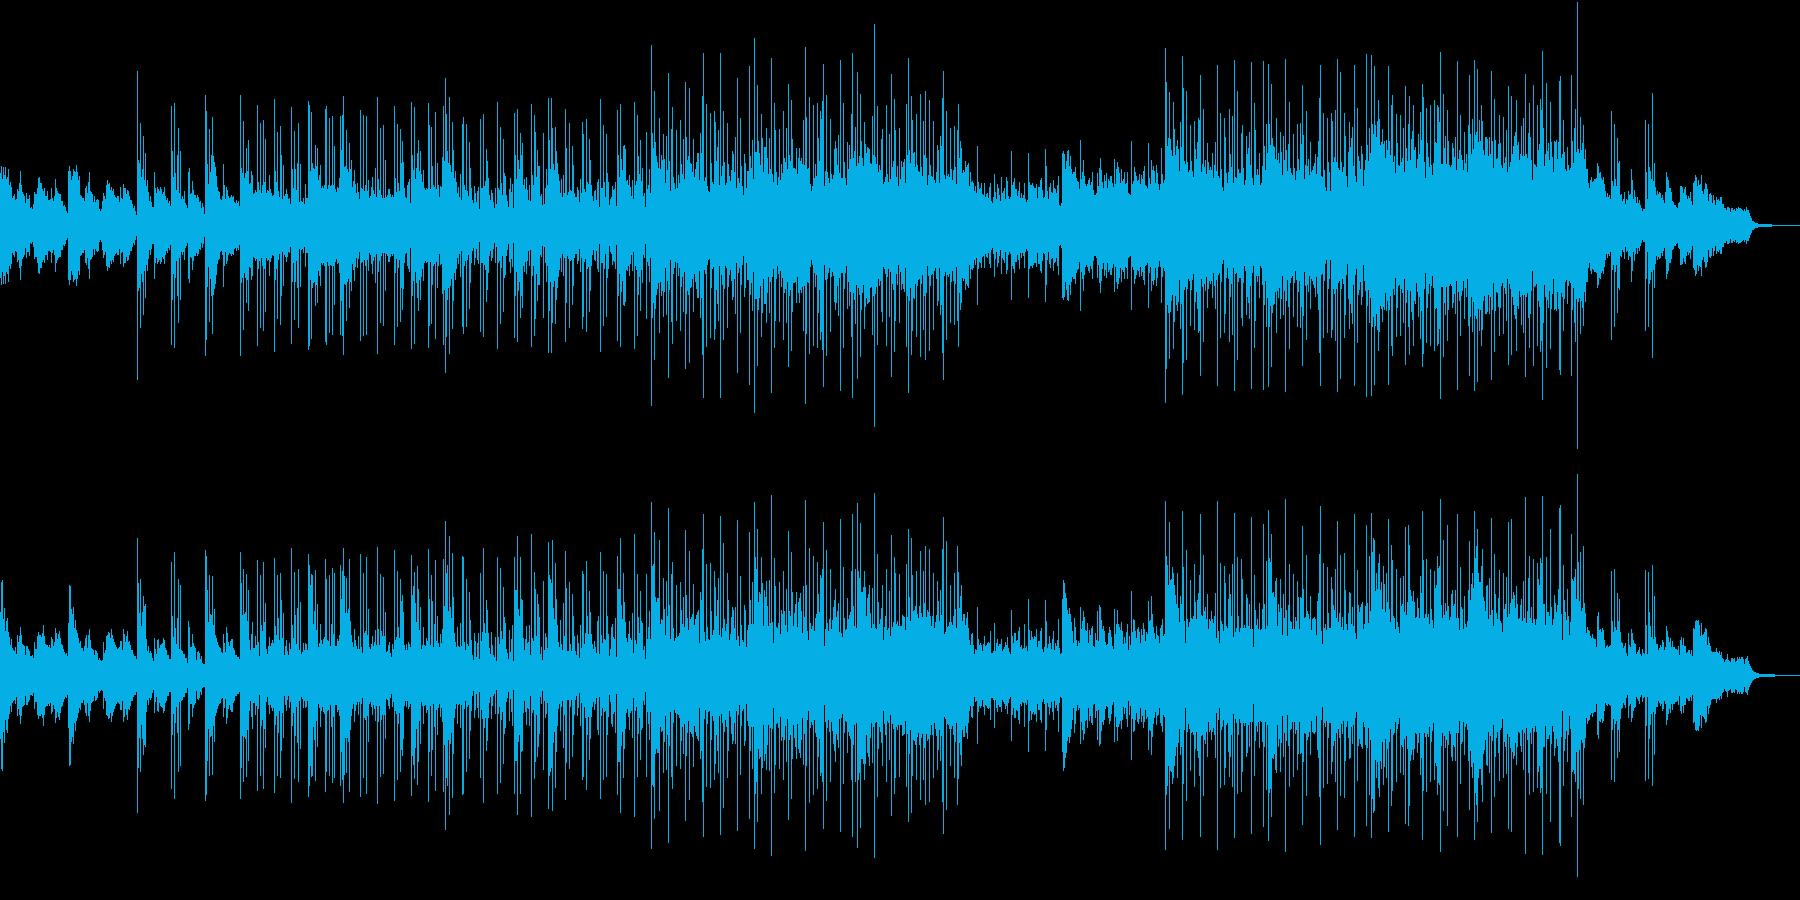 弦とピアノのアルペジオが織りなすサントラの再生済みの波形